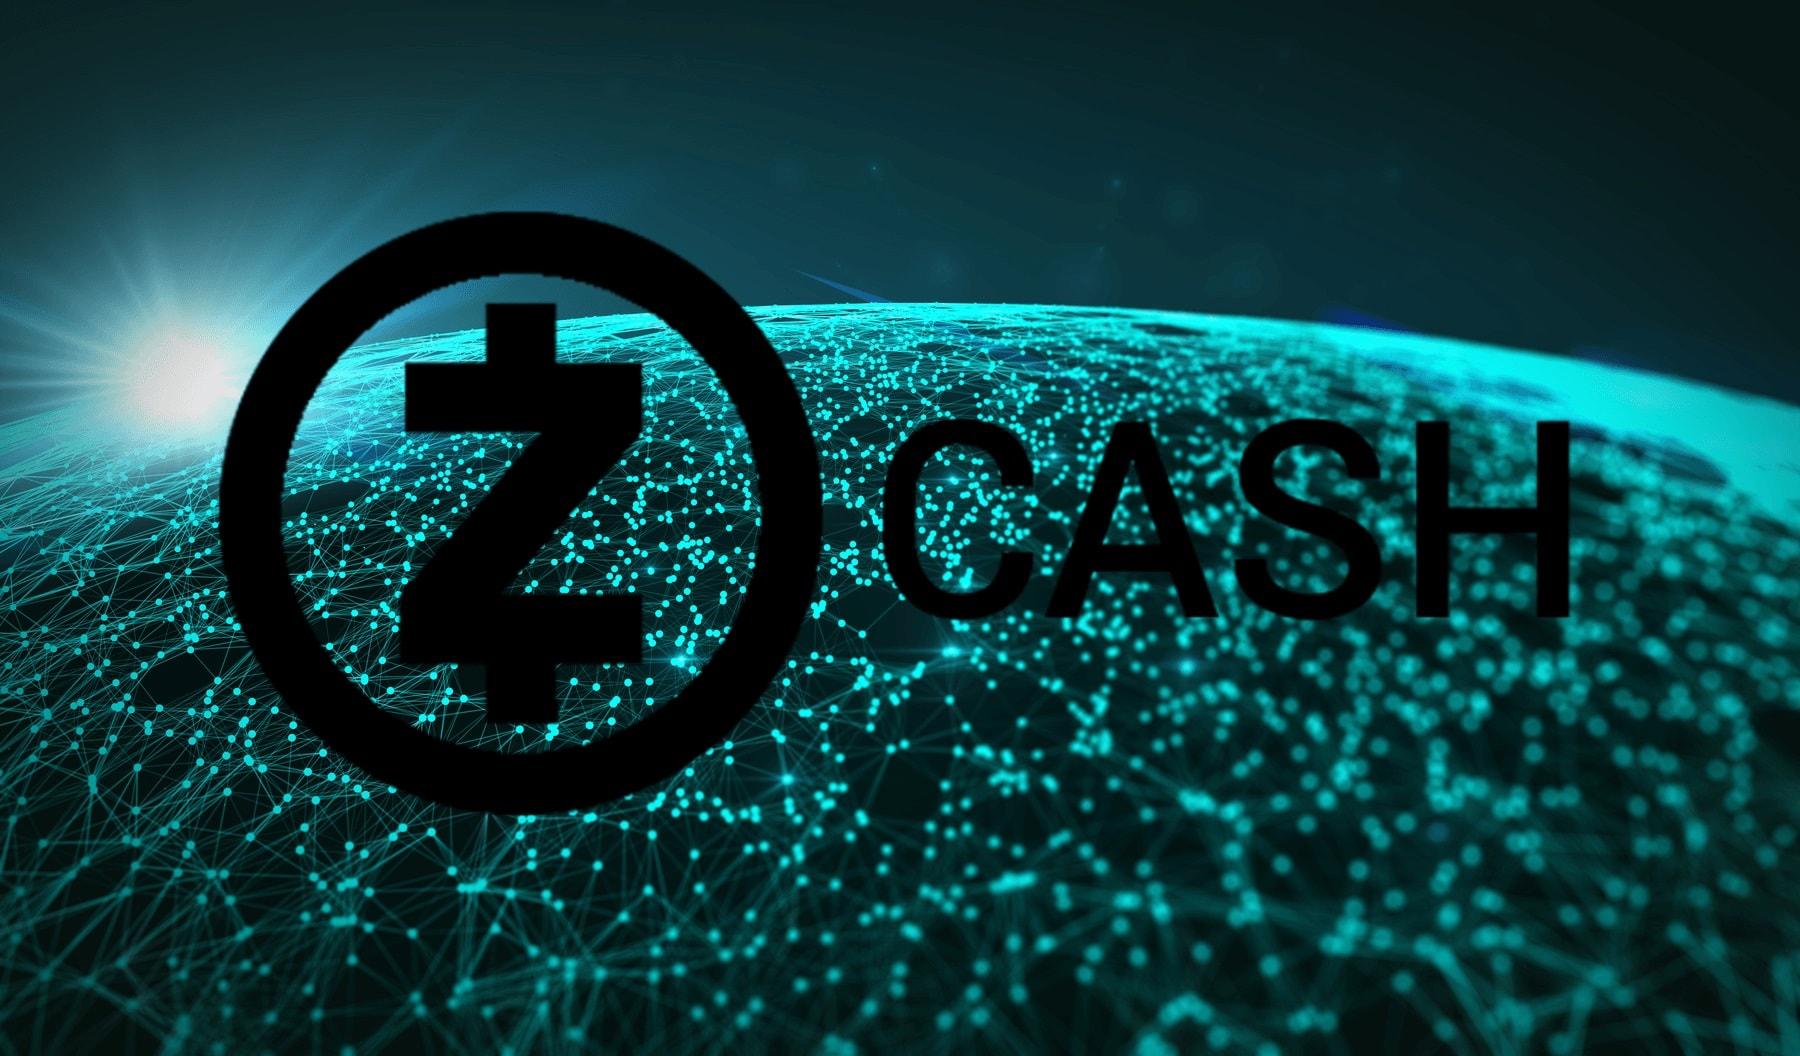 """A corretora Gemini anunciou nesta segunda-feira, 14 de maio, o início de seu suporte ao Zcash, tornando-se, dessa forma, a """"primeira corretora licenciada do mundo"""", a negociar o ativo."""